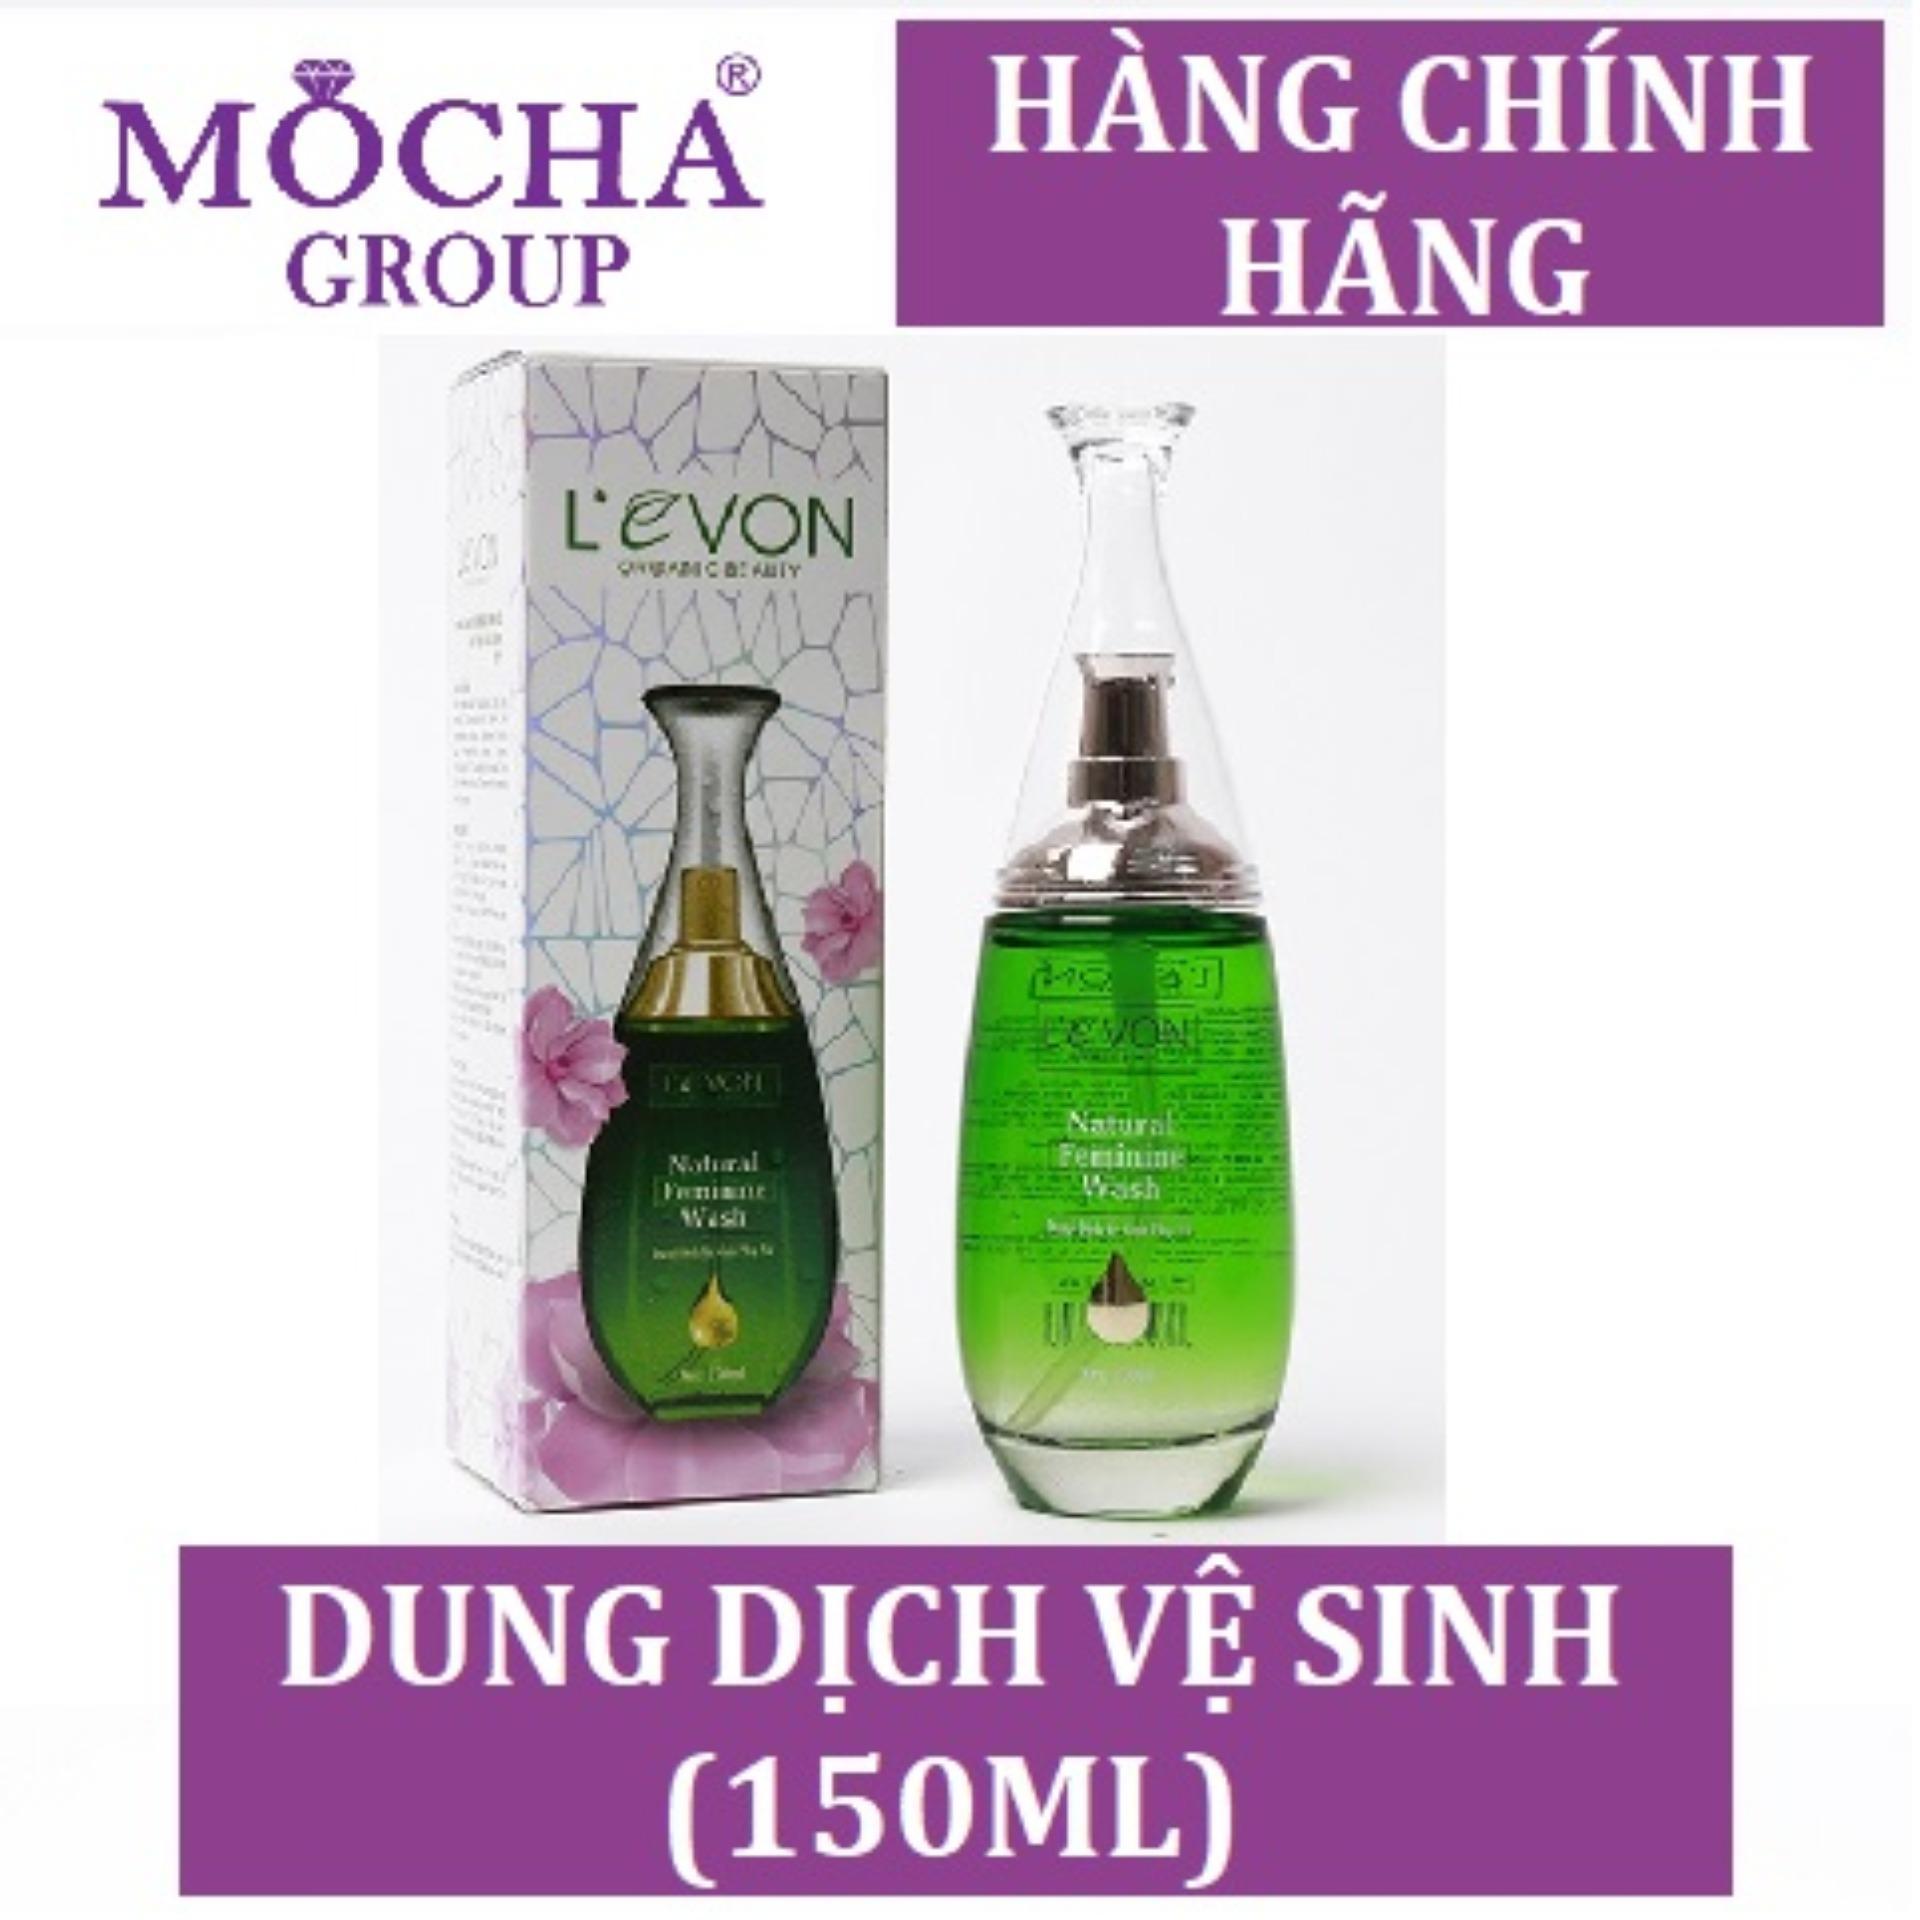 DUNG DỊCH VỆ SINH MOCHA 150ml - Hanna Nguyễn Beauty chính hãng